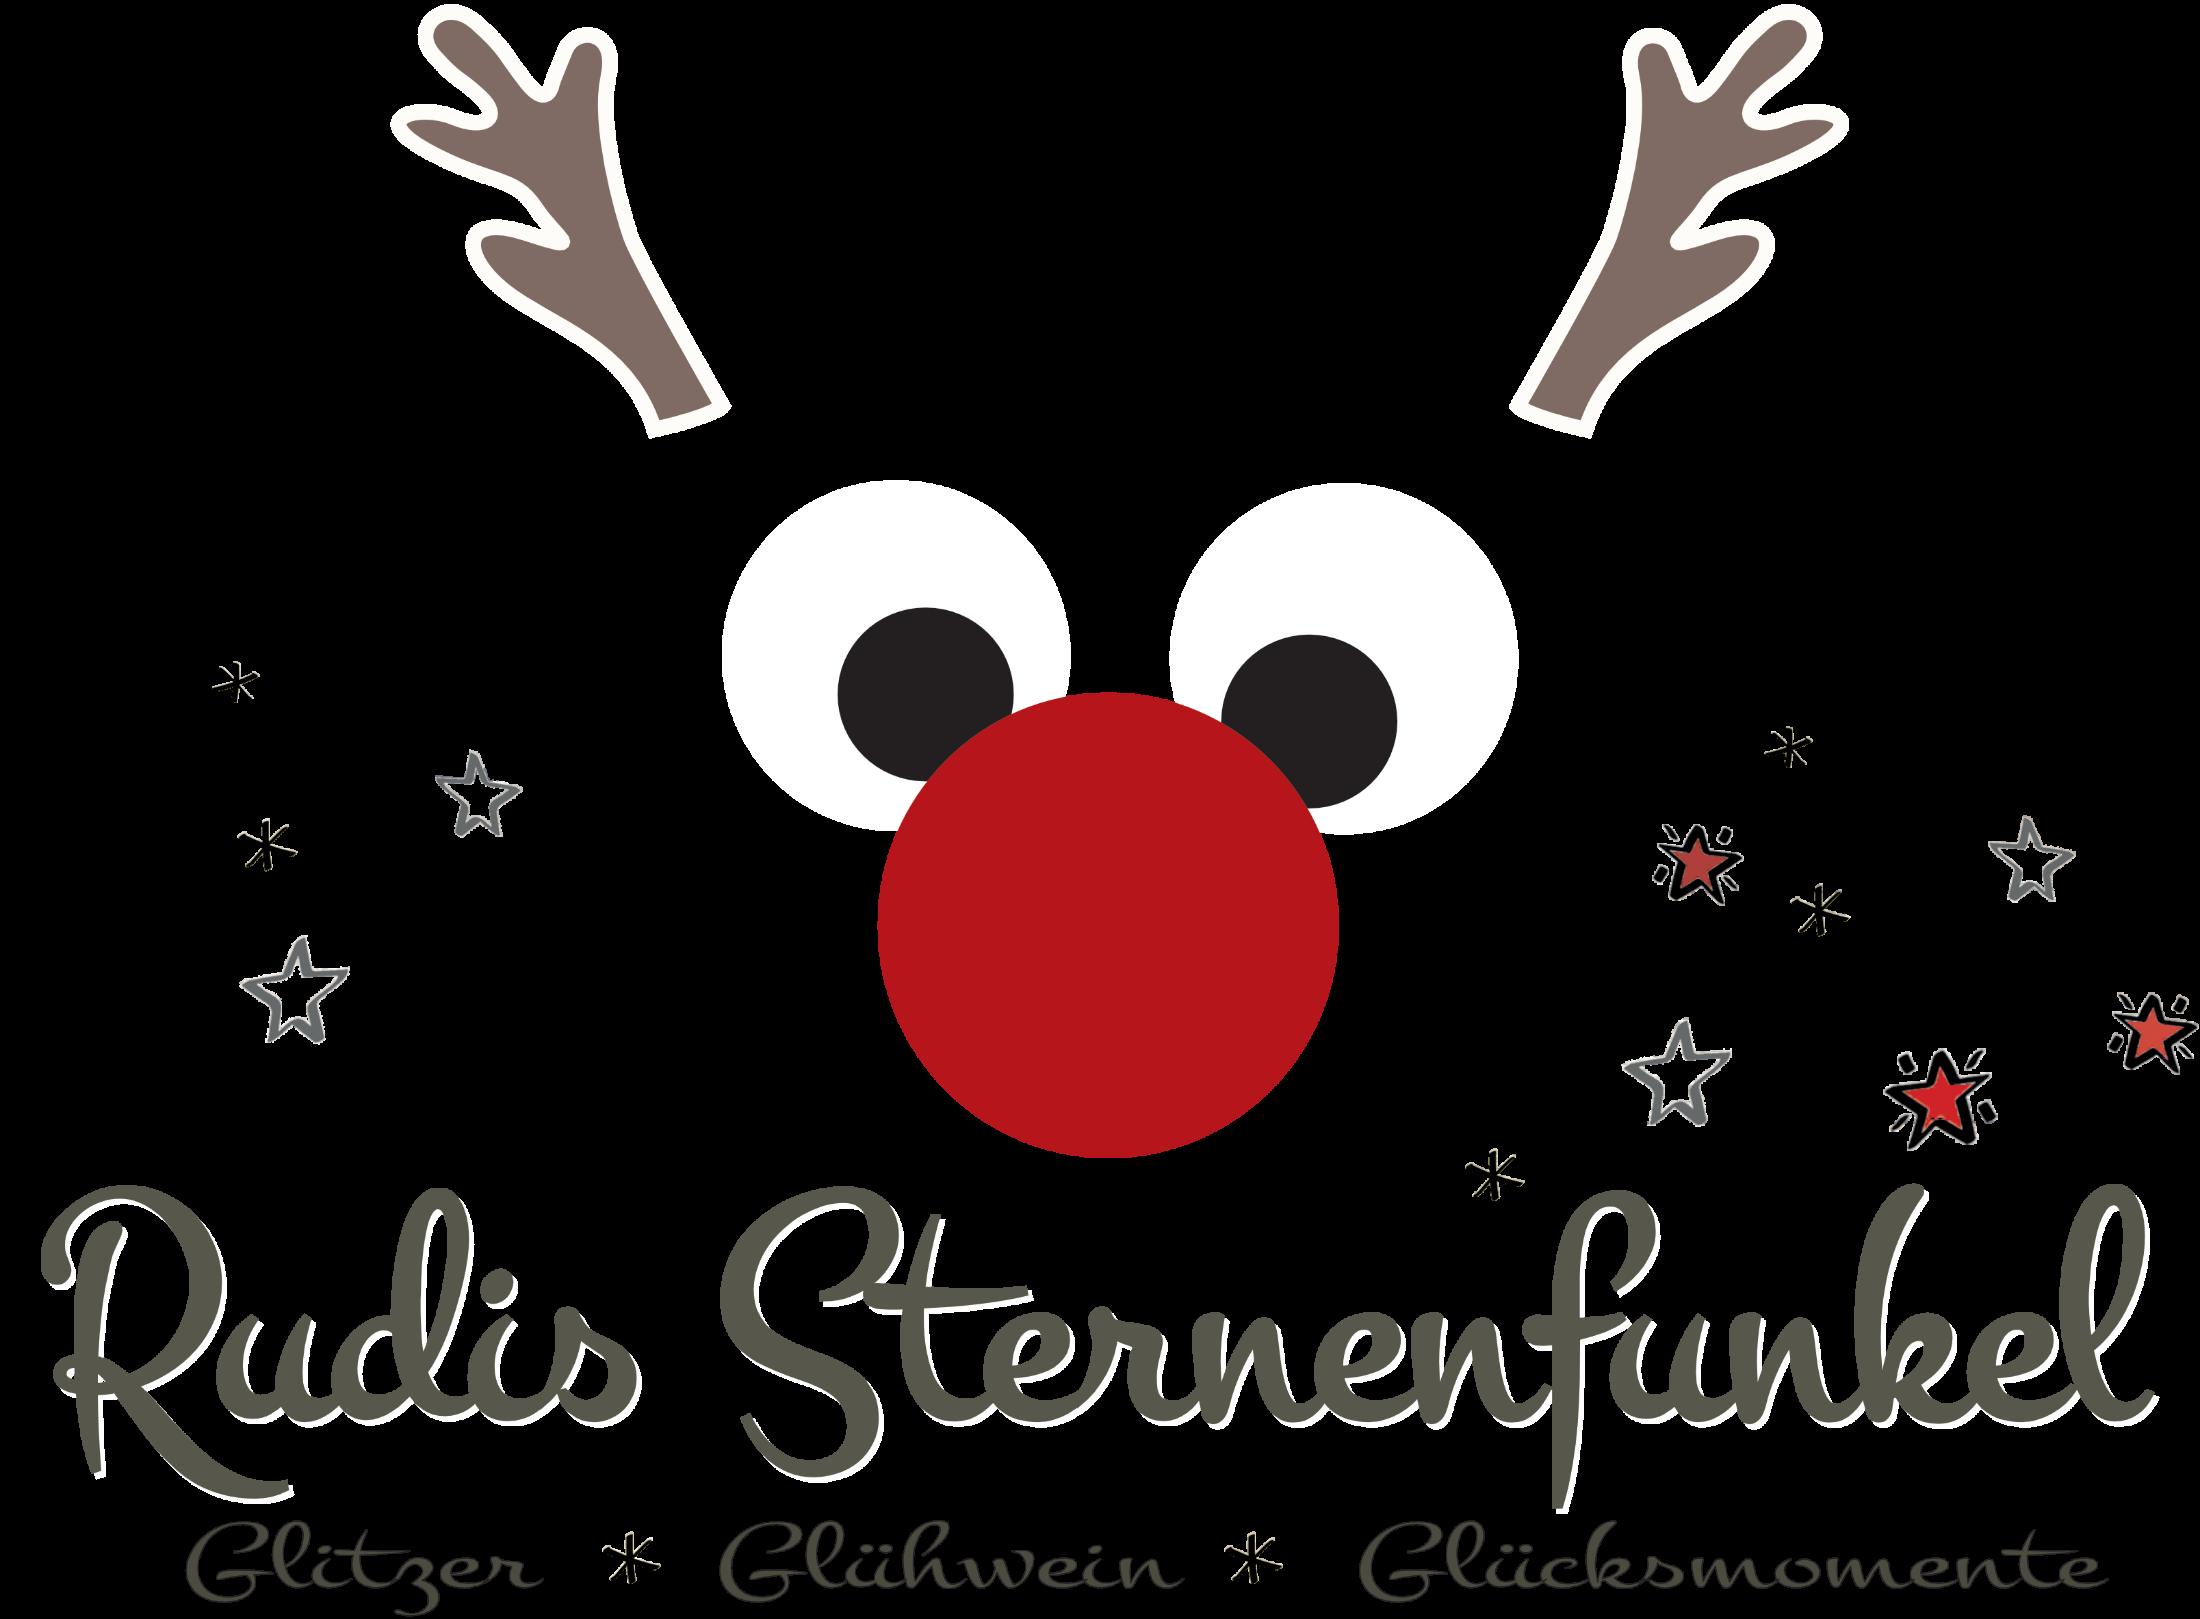 Rudis Sternenfunkel – Glitzer ★ Glühwein ★ Glücksmomente – Hilft Freudentränen!